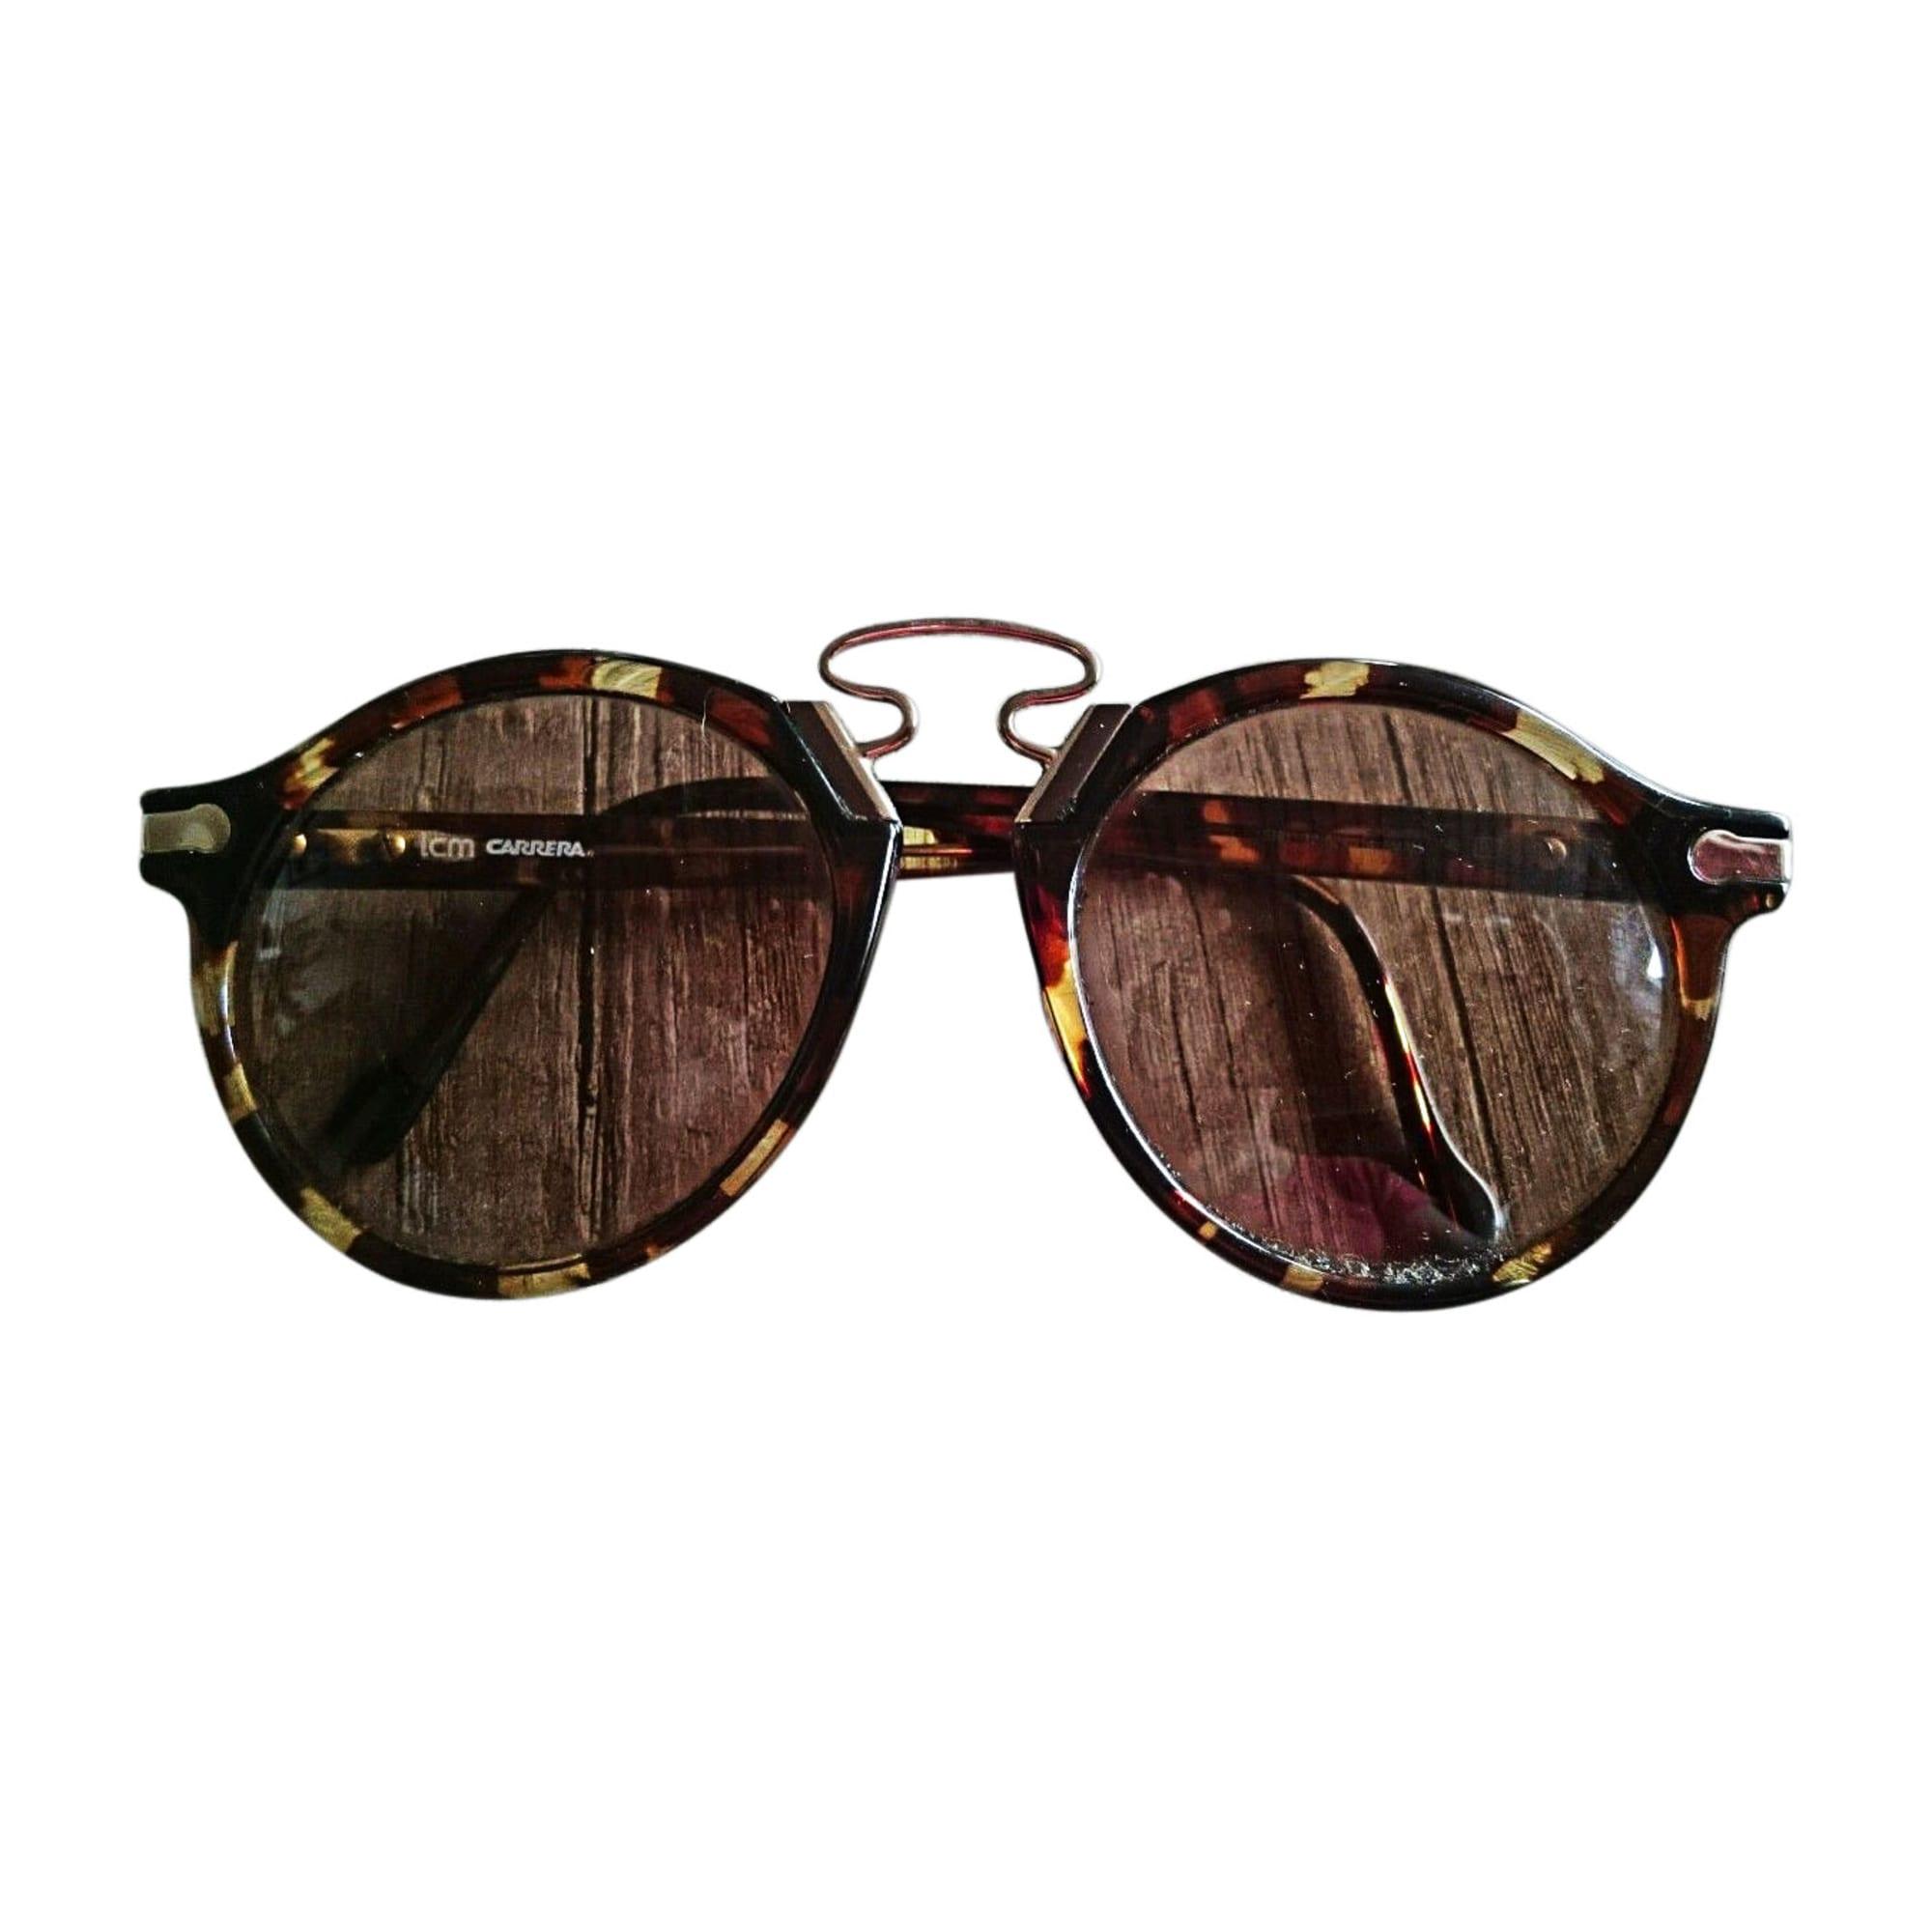 9a8452ea93423 Monture de lunettes HUGO BOSS CARRERA marron - 4714163